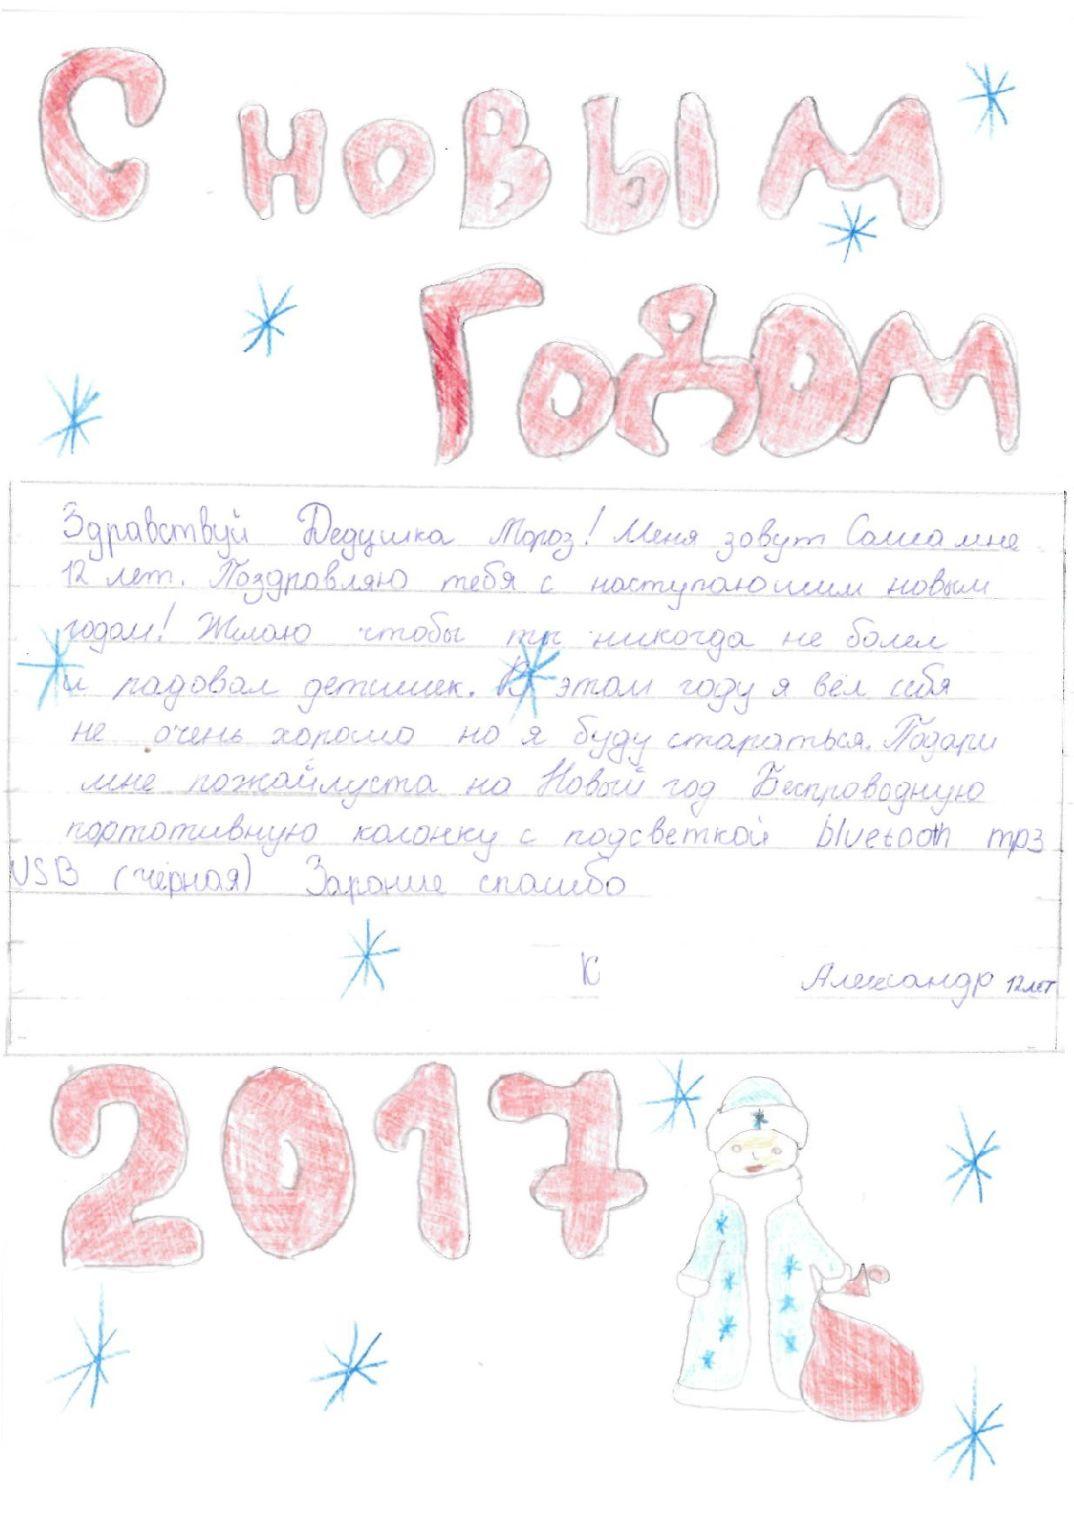 Курносенков Александр 12 лет колонка-001